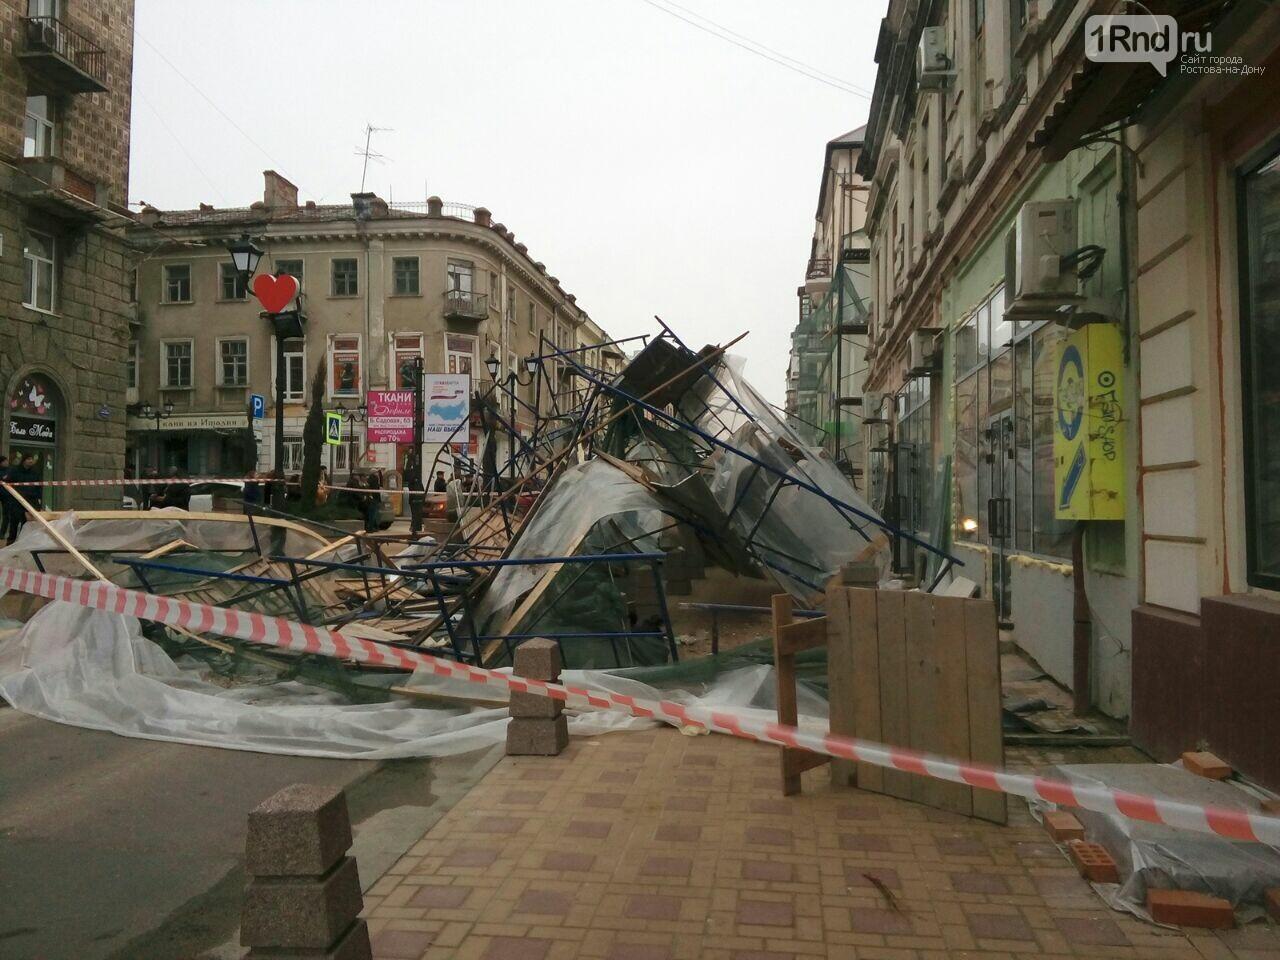 В центре Ростова на дорогу рухнули строительные леса - фото и видео, фото-2, Фото: Анна Дунаева